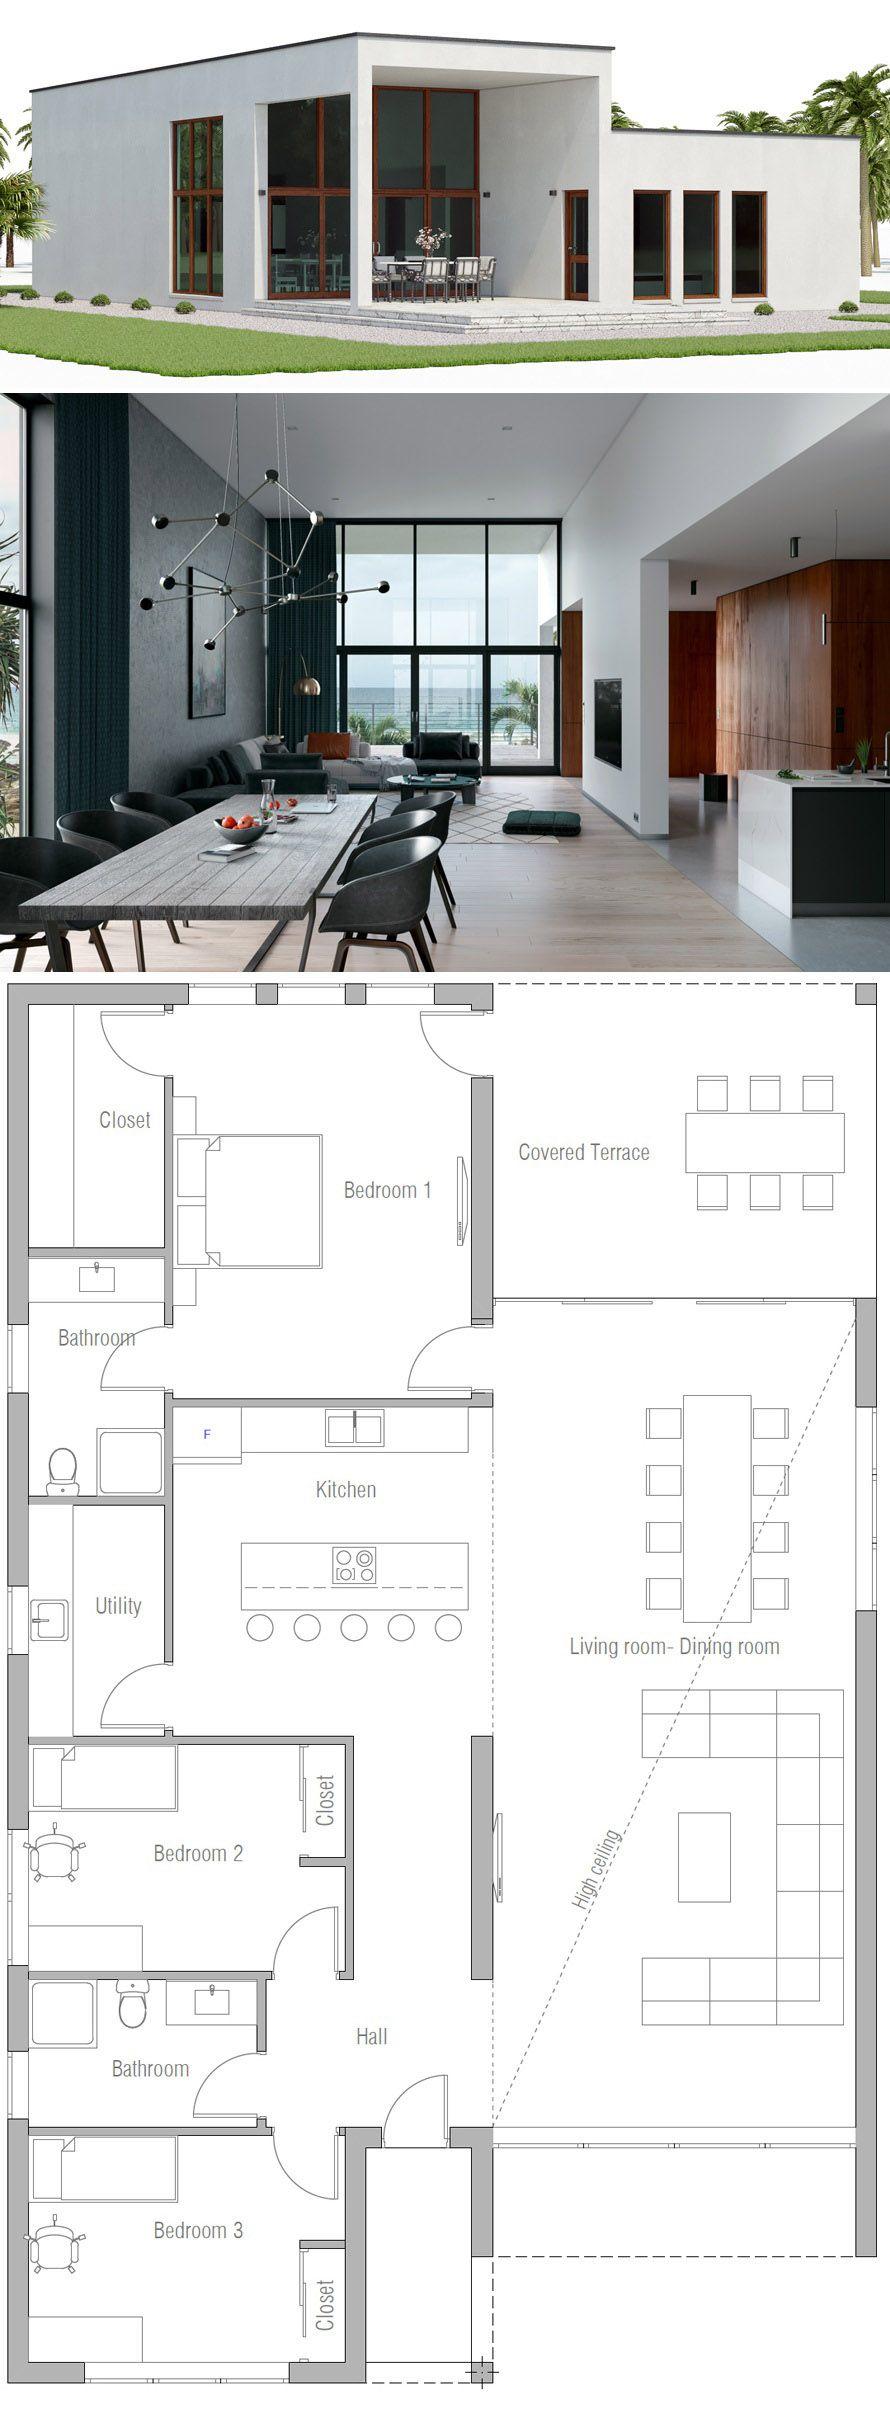 Modern Minimalist House Desigs Architektur Haus Haus Plane Haus Architektur